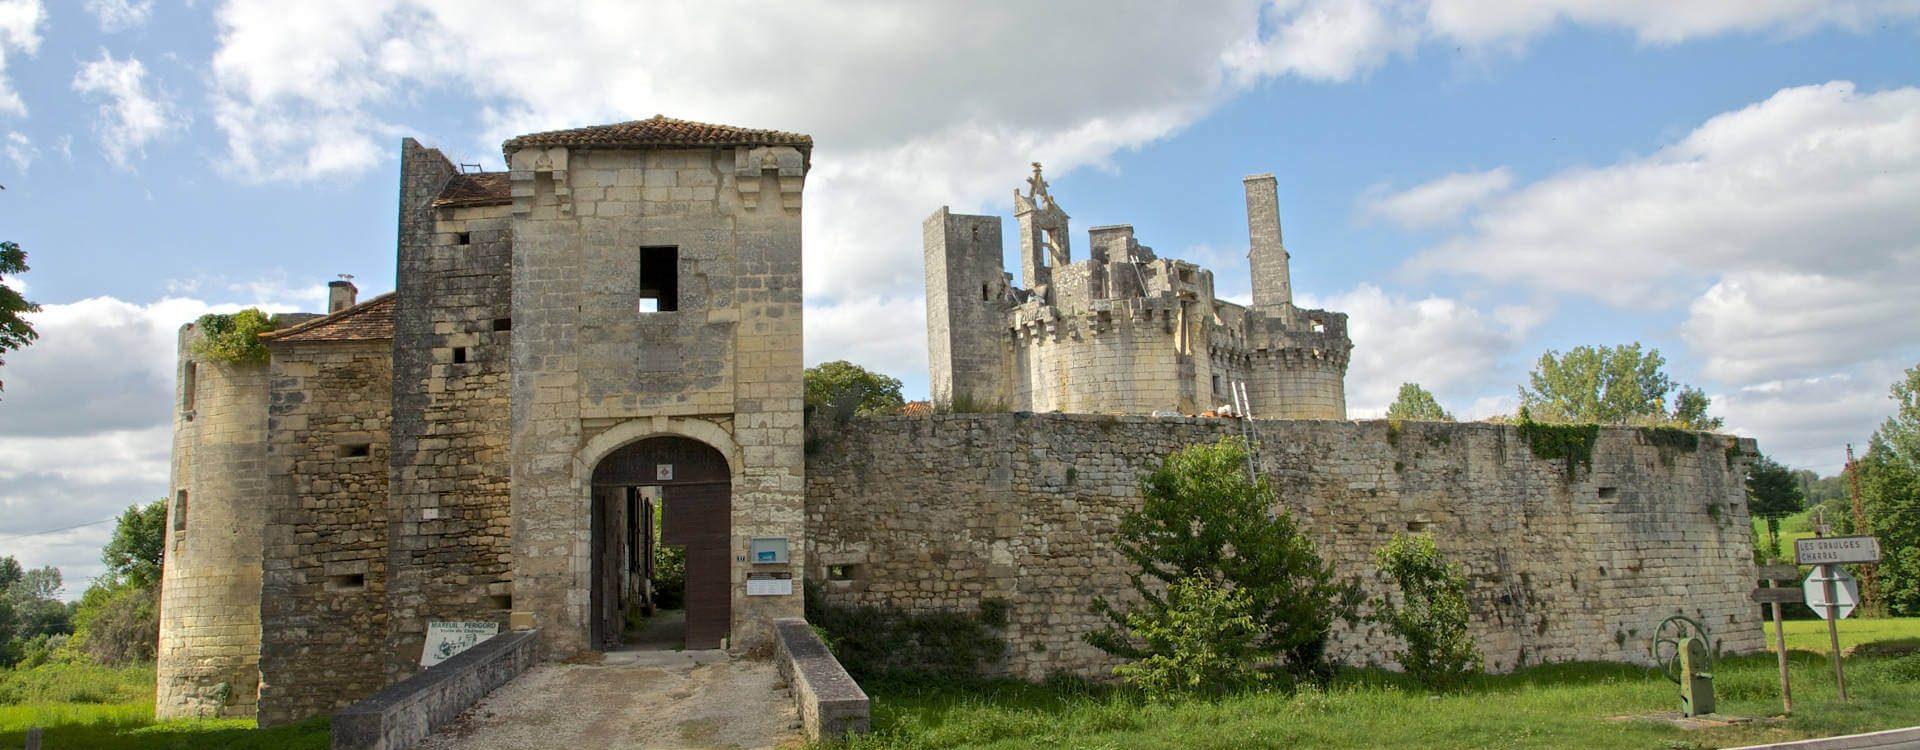 Bienvenue à Brantôme, Bourdeilles, Mareuil, Villars